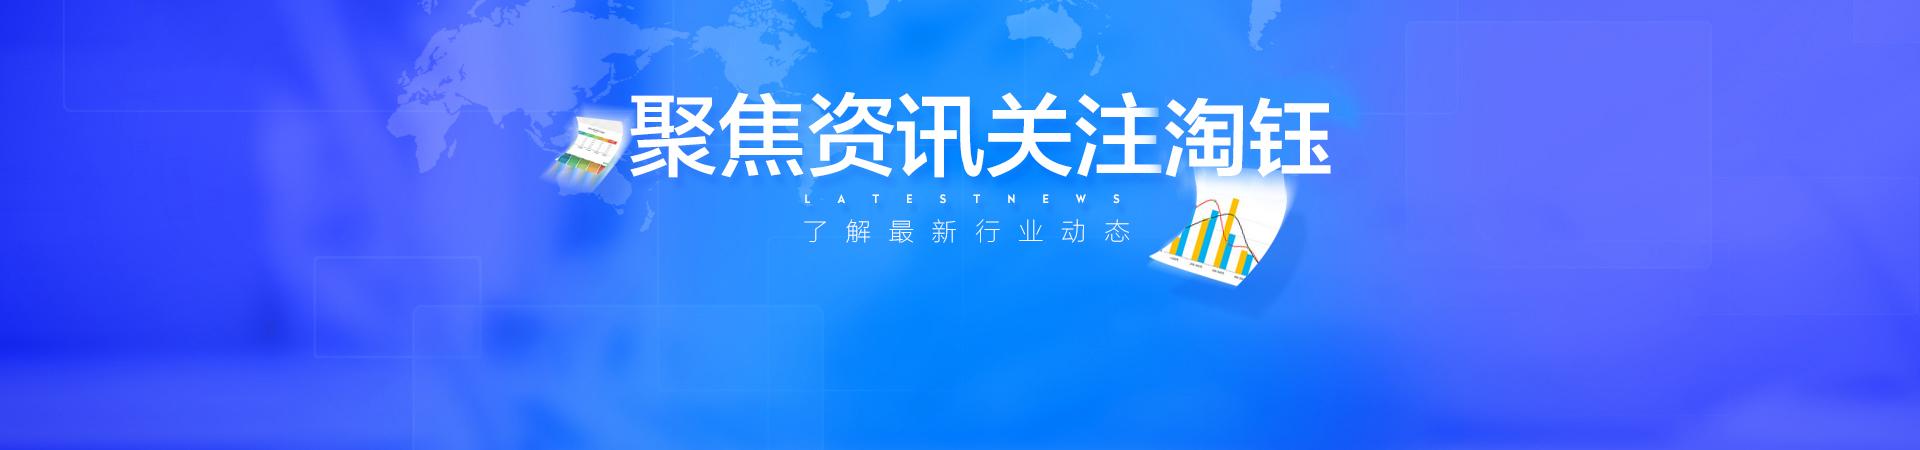 """淘钰官网""""新闻资讯""""频道Banner"""